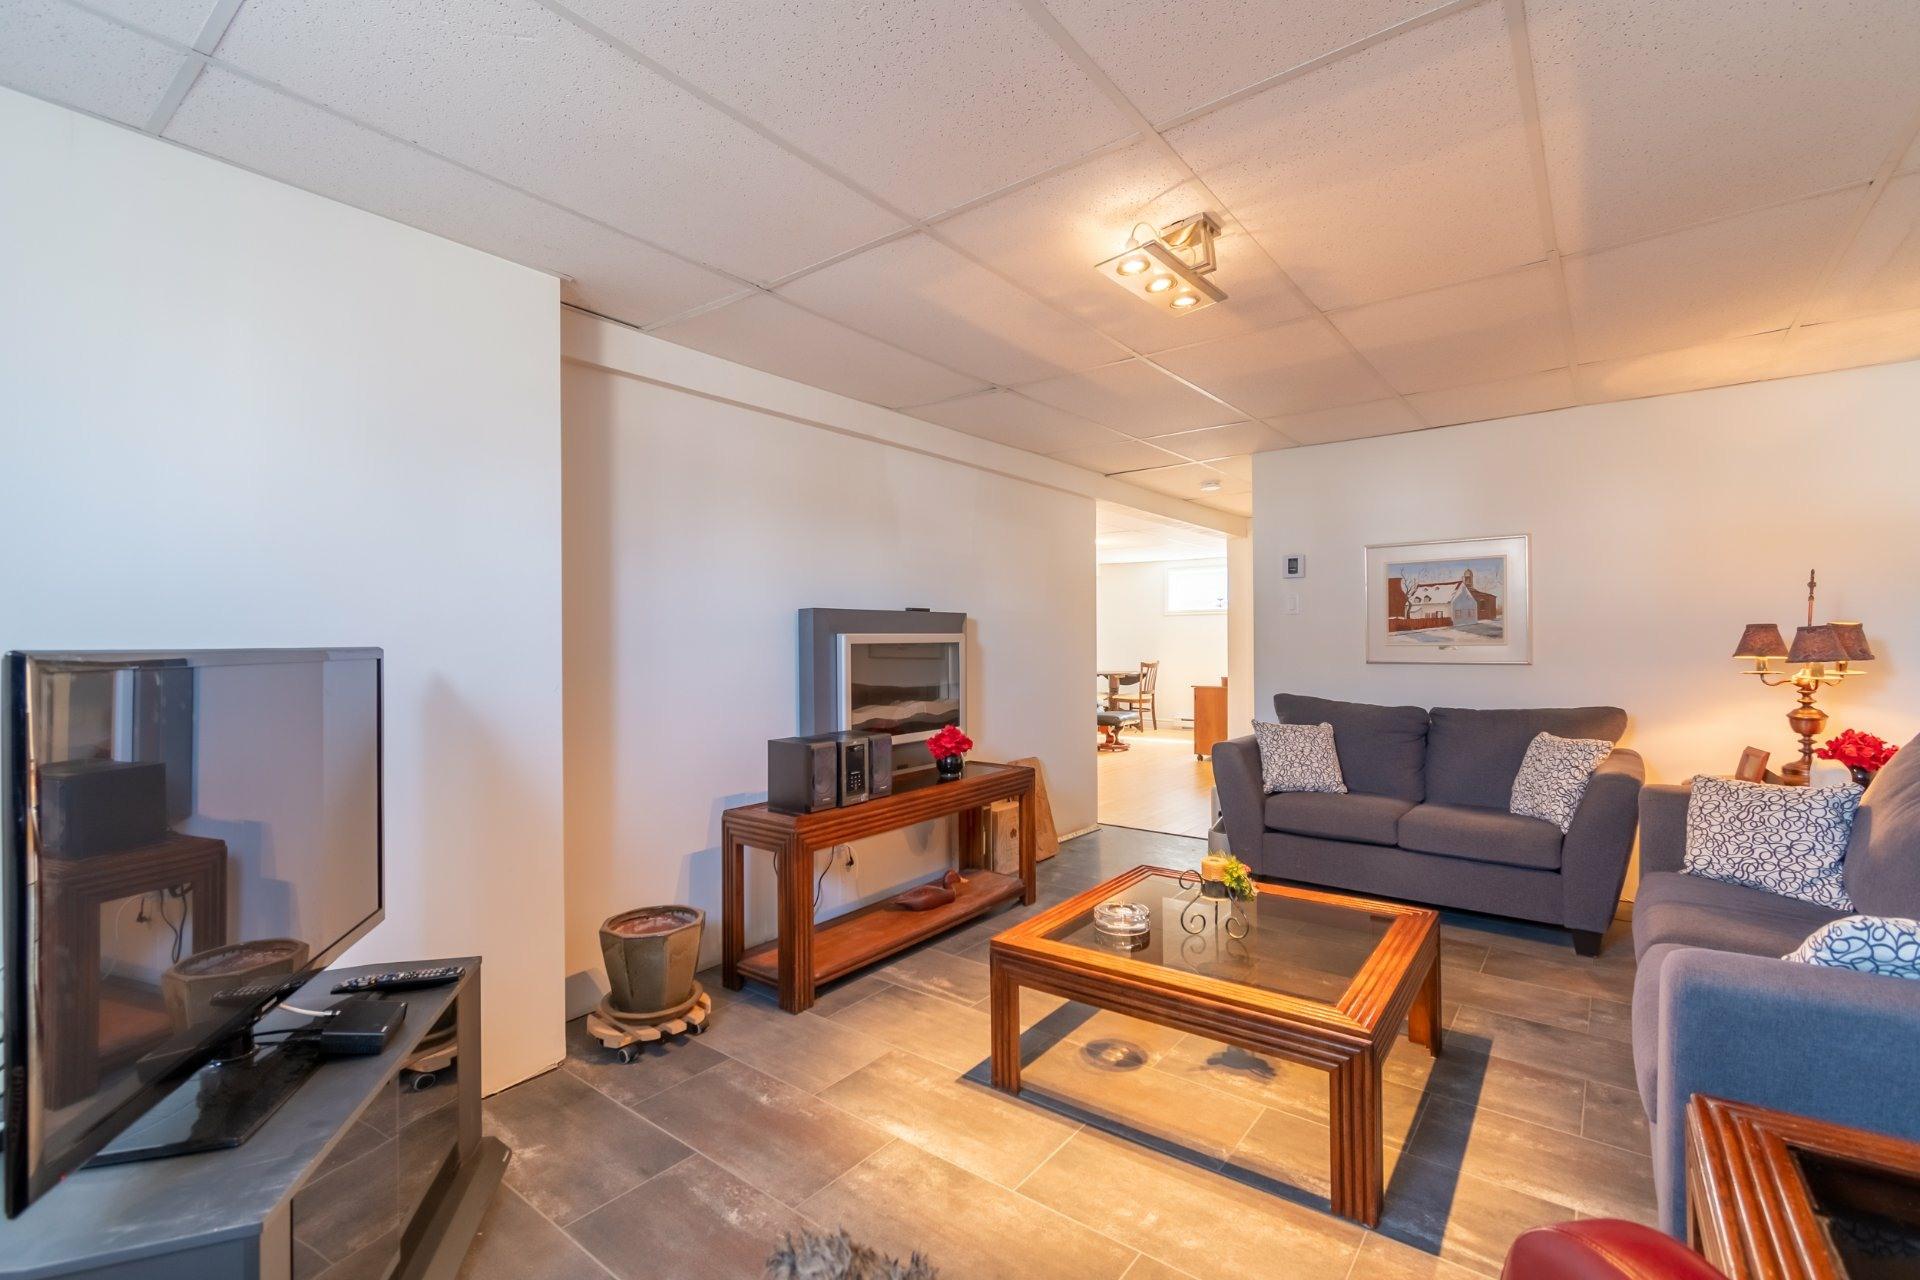 image 19 - Maison À vendre Trois-Rivières - 11 pièces